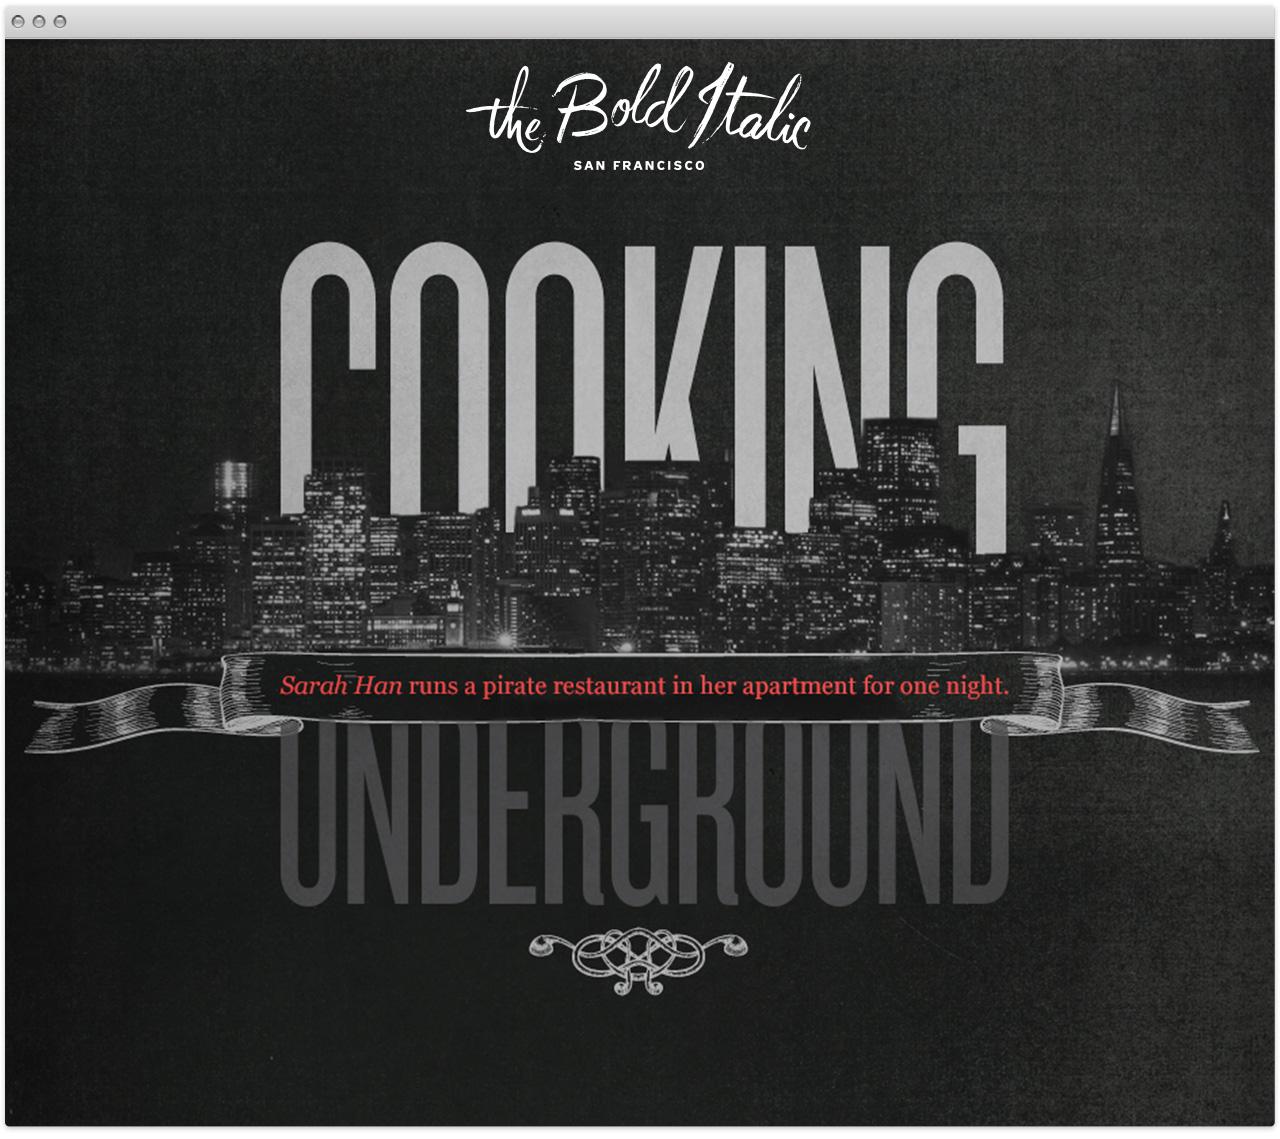 TBI_Cooking Underground.jpg